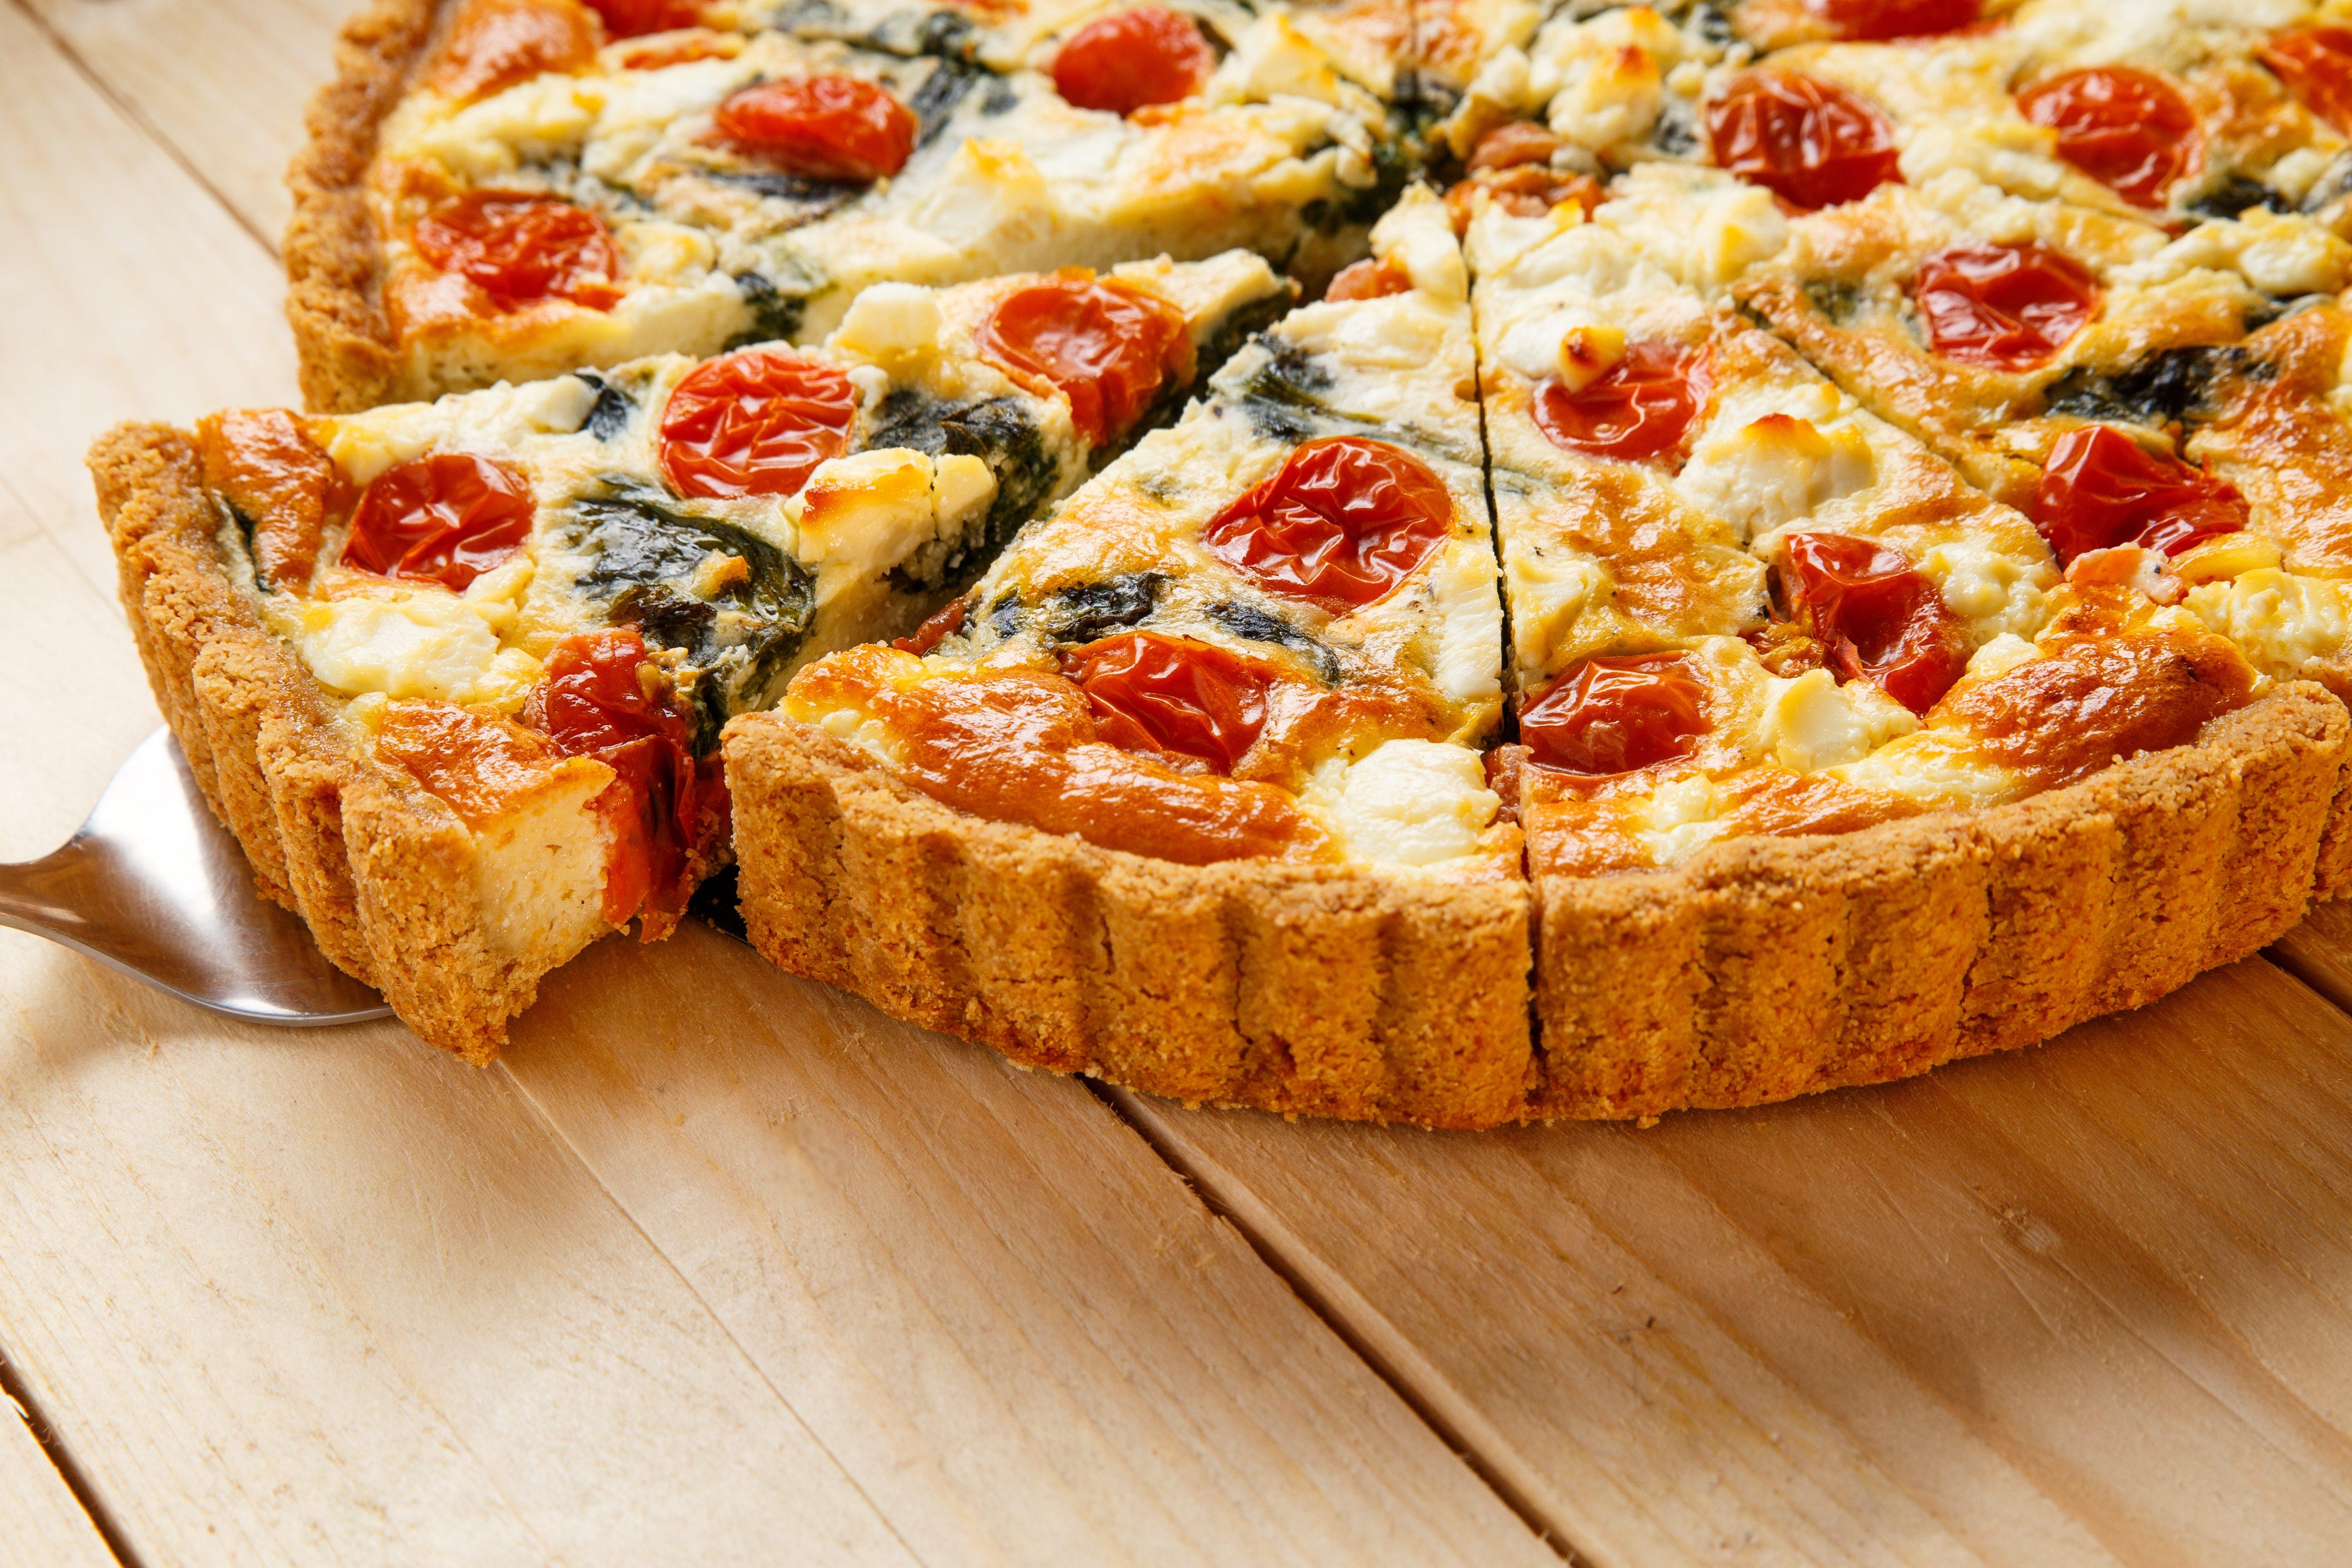 Cucinare con gli avanzi: 10 idee svuota frigo creative e golose